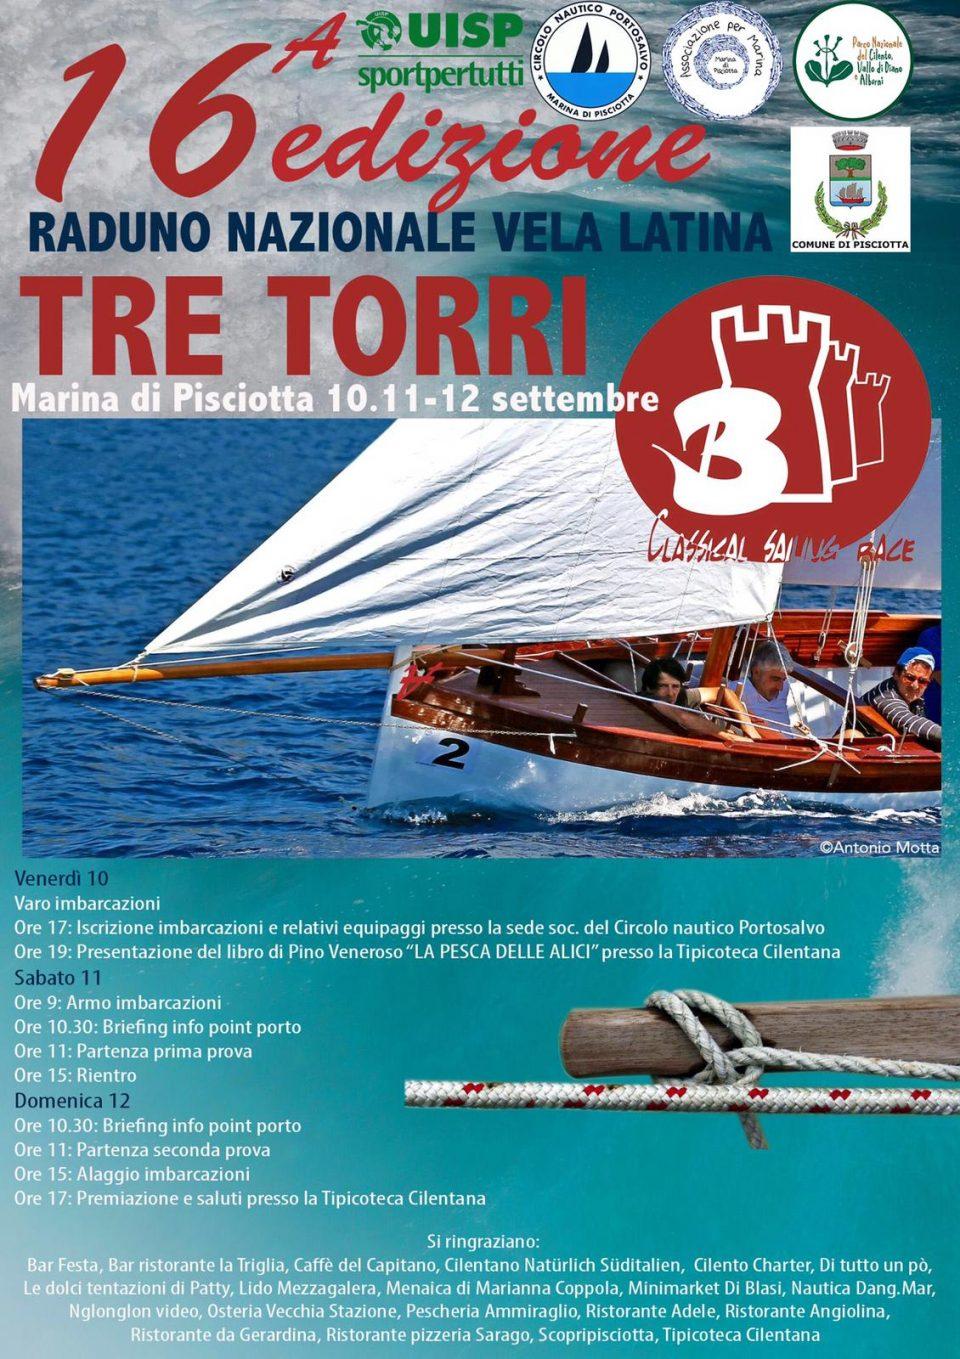 locandina 960x1359 - Marina di Pisciotta (SA), 16^ ed. Raduno Nazionale vela latina Tre Torri - 10 11 e 12 settembre 2021